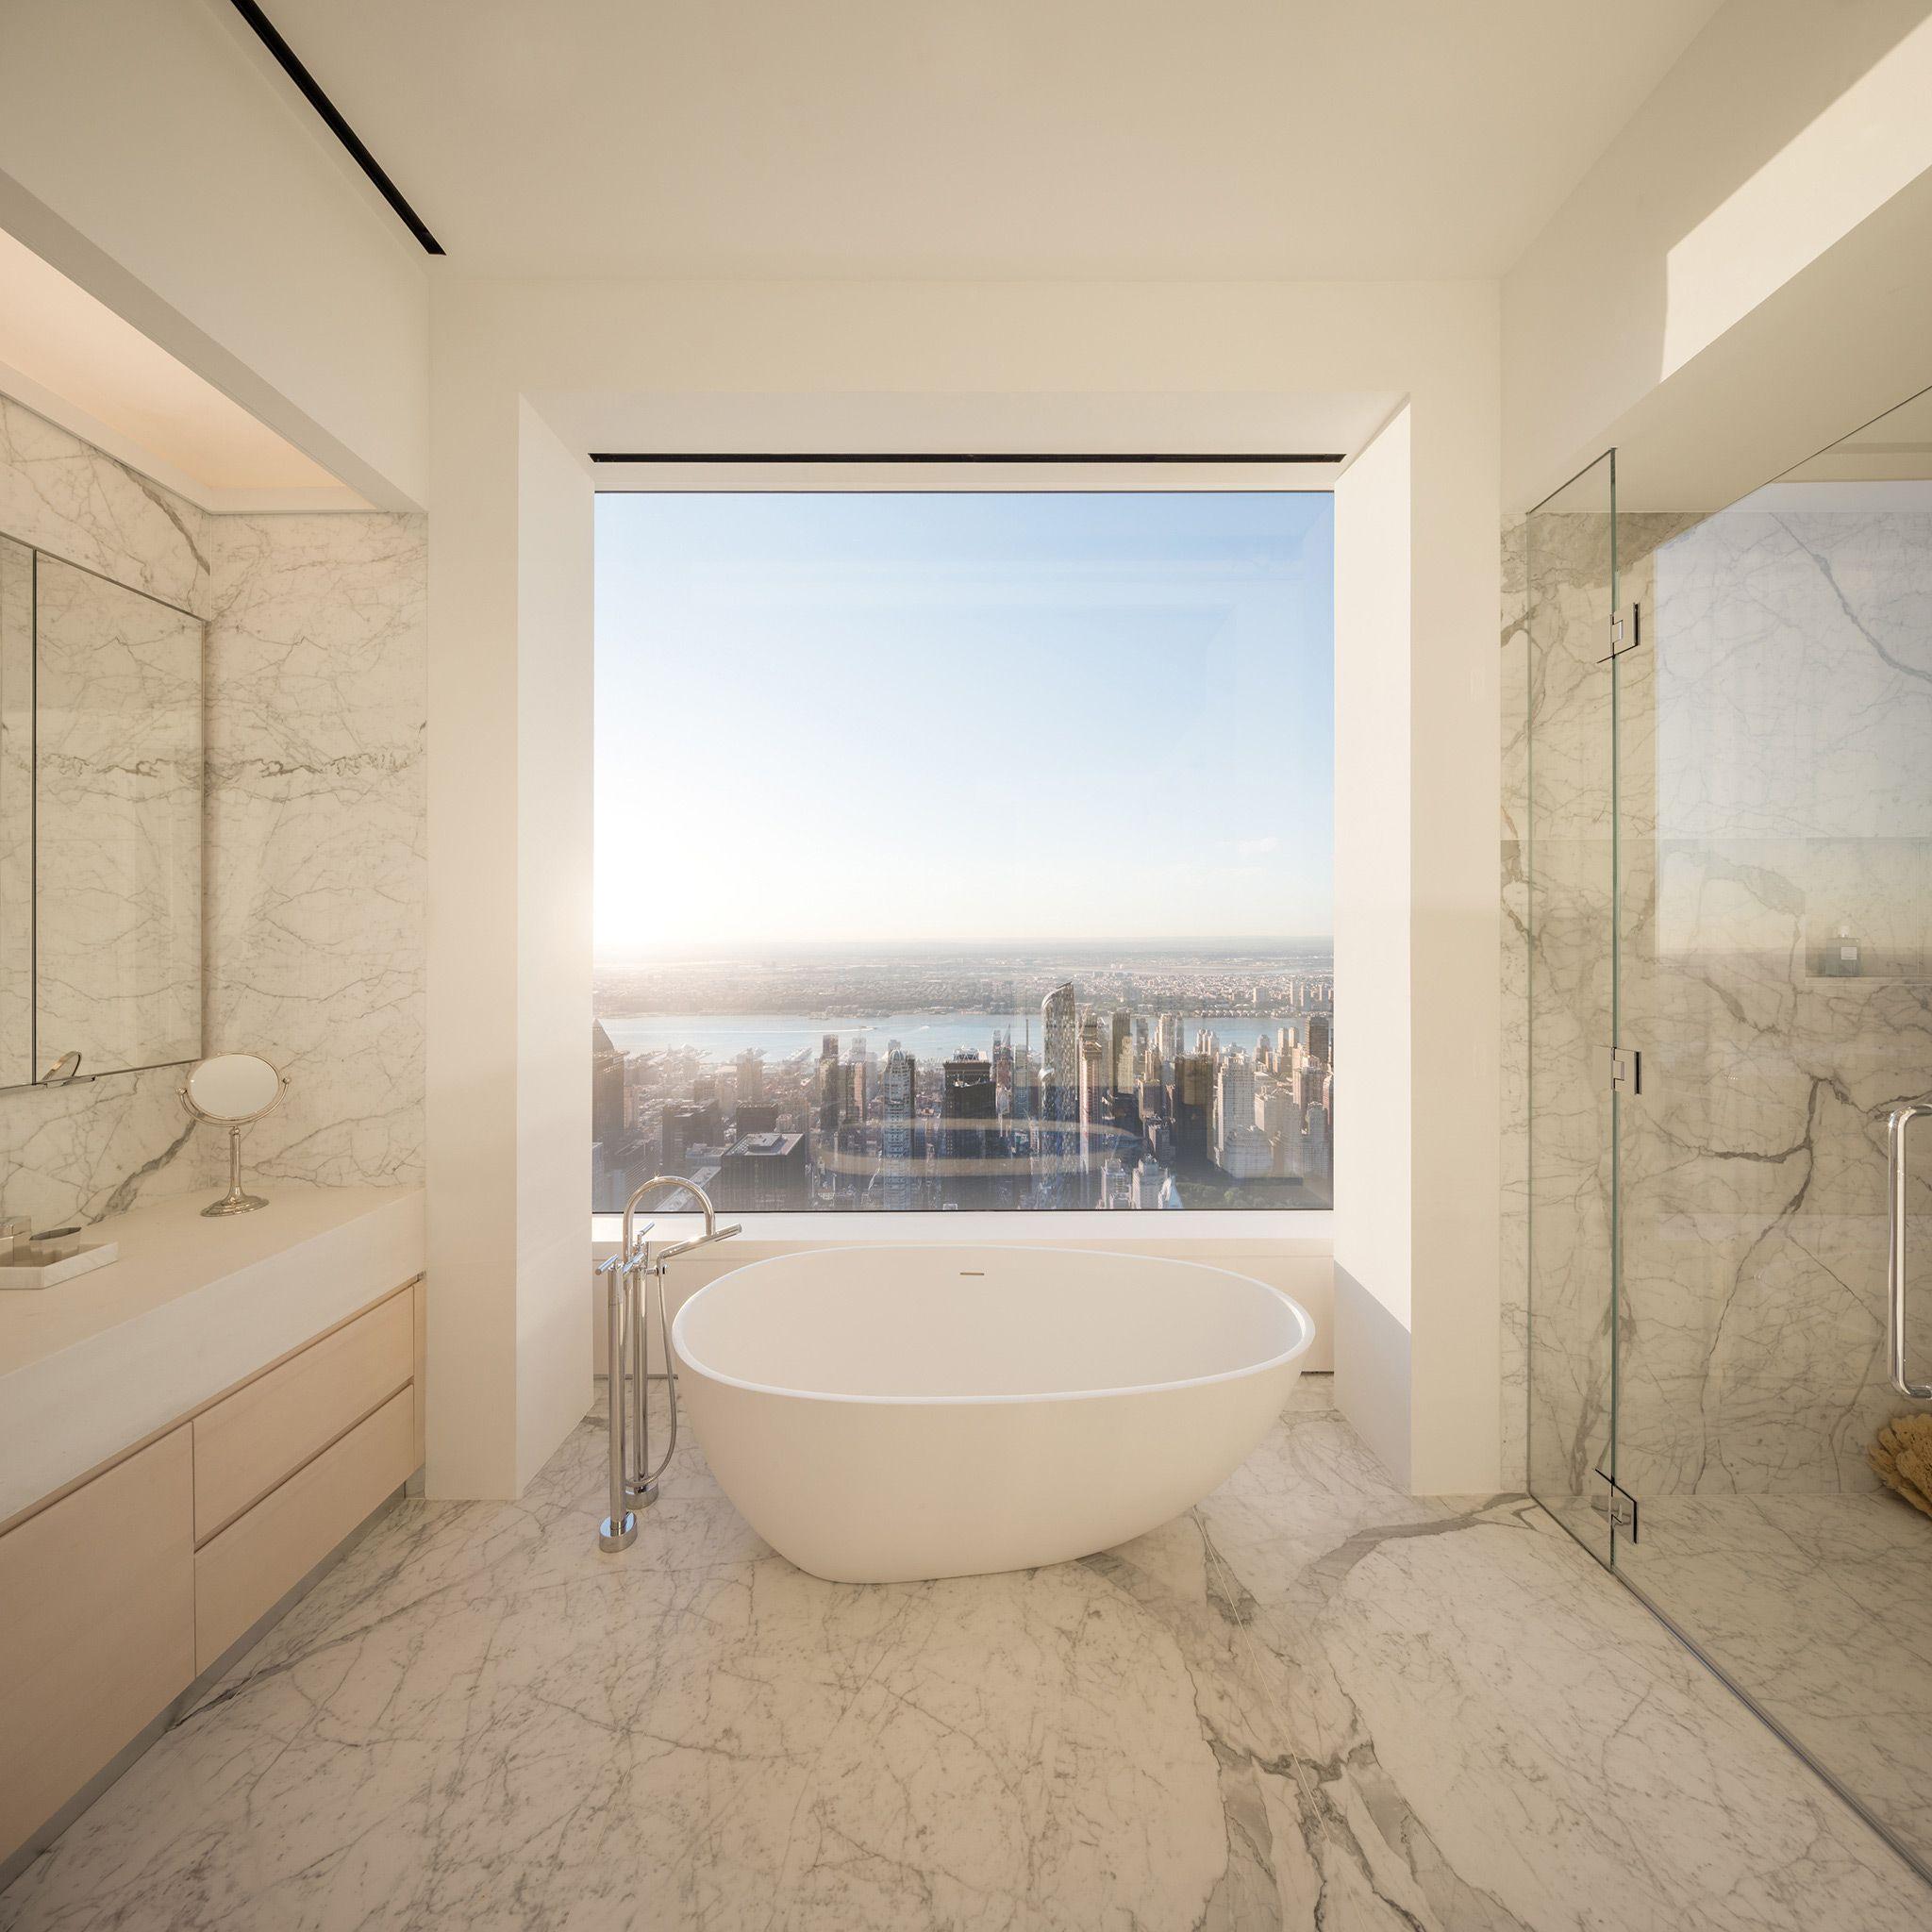 Apartment Building Nyc: 432 Park Avenue's Luxury Condominium Building Is The